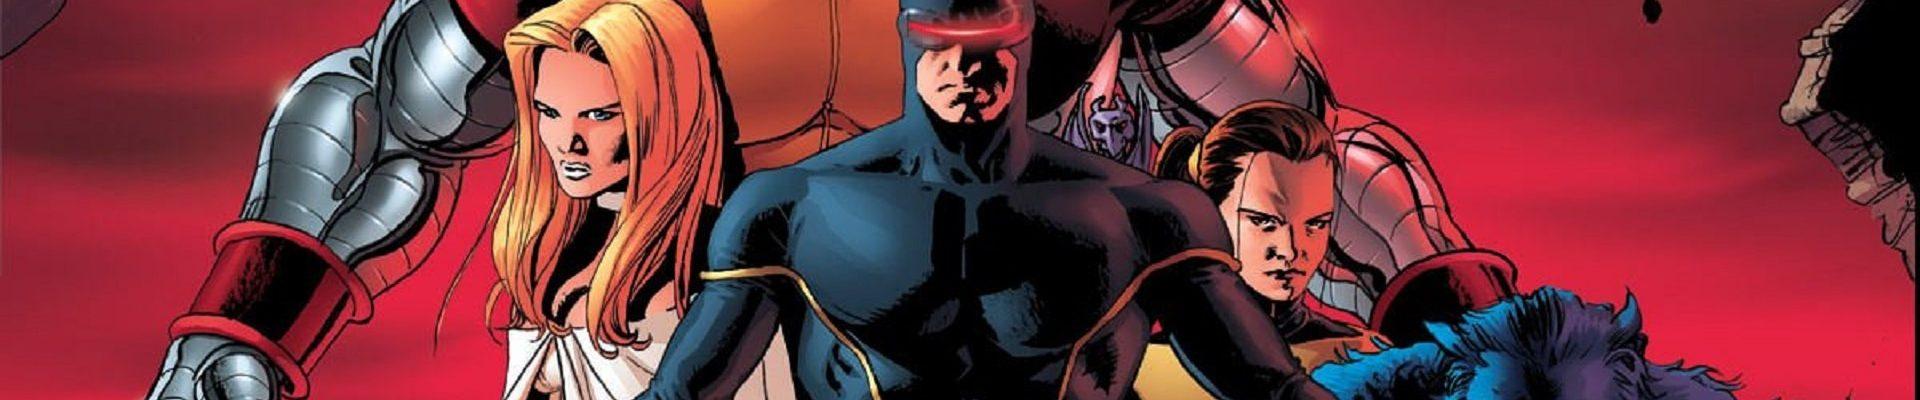 Astonishing X-Men Whedon